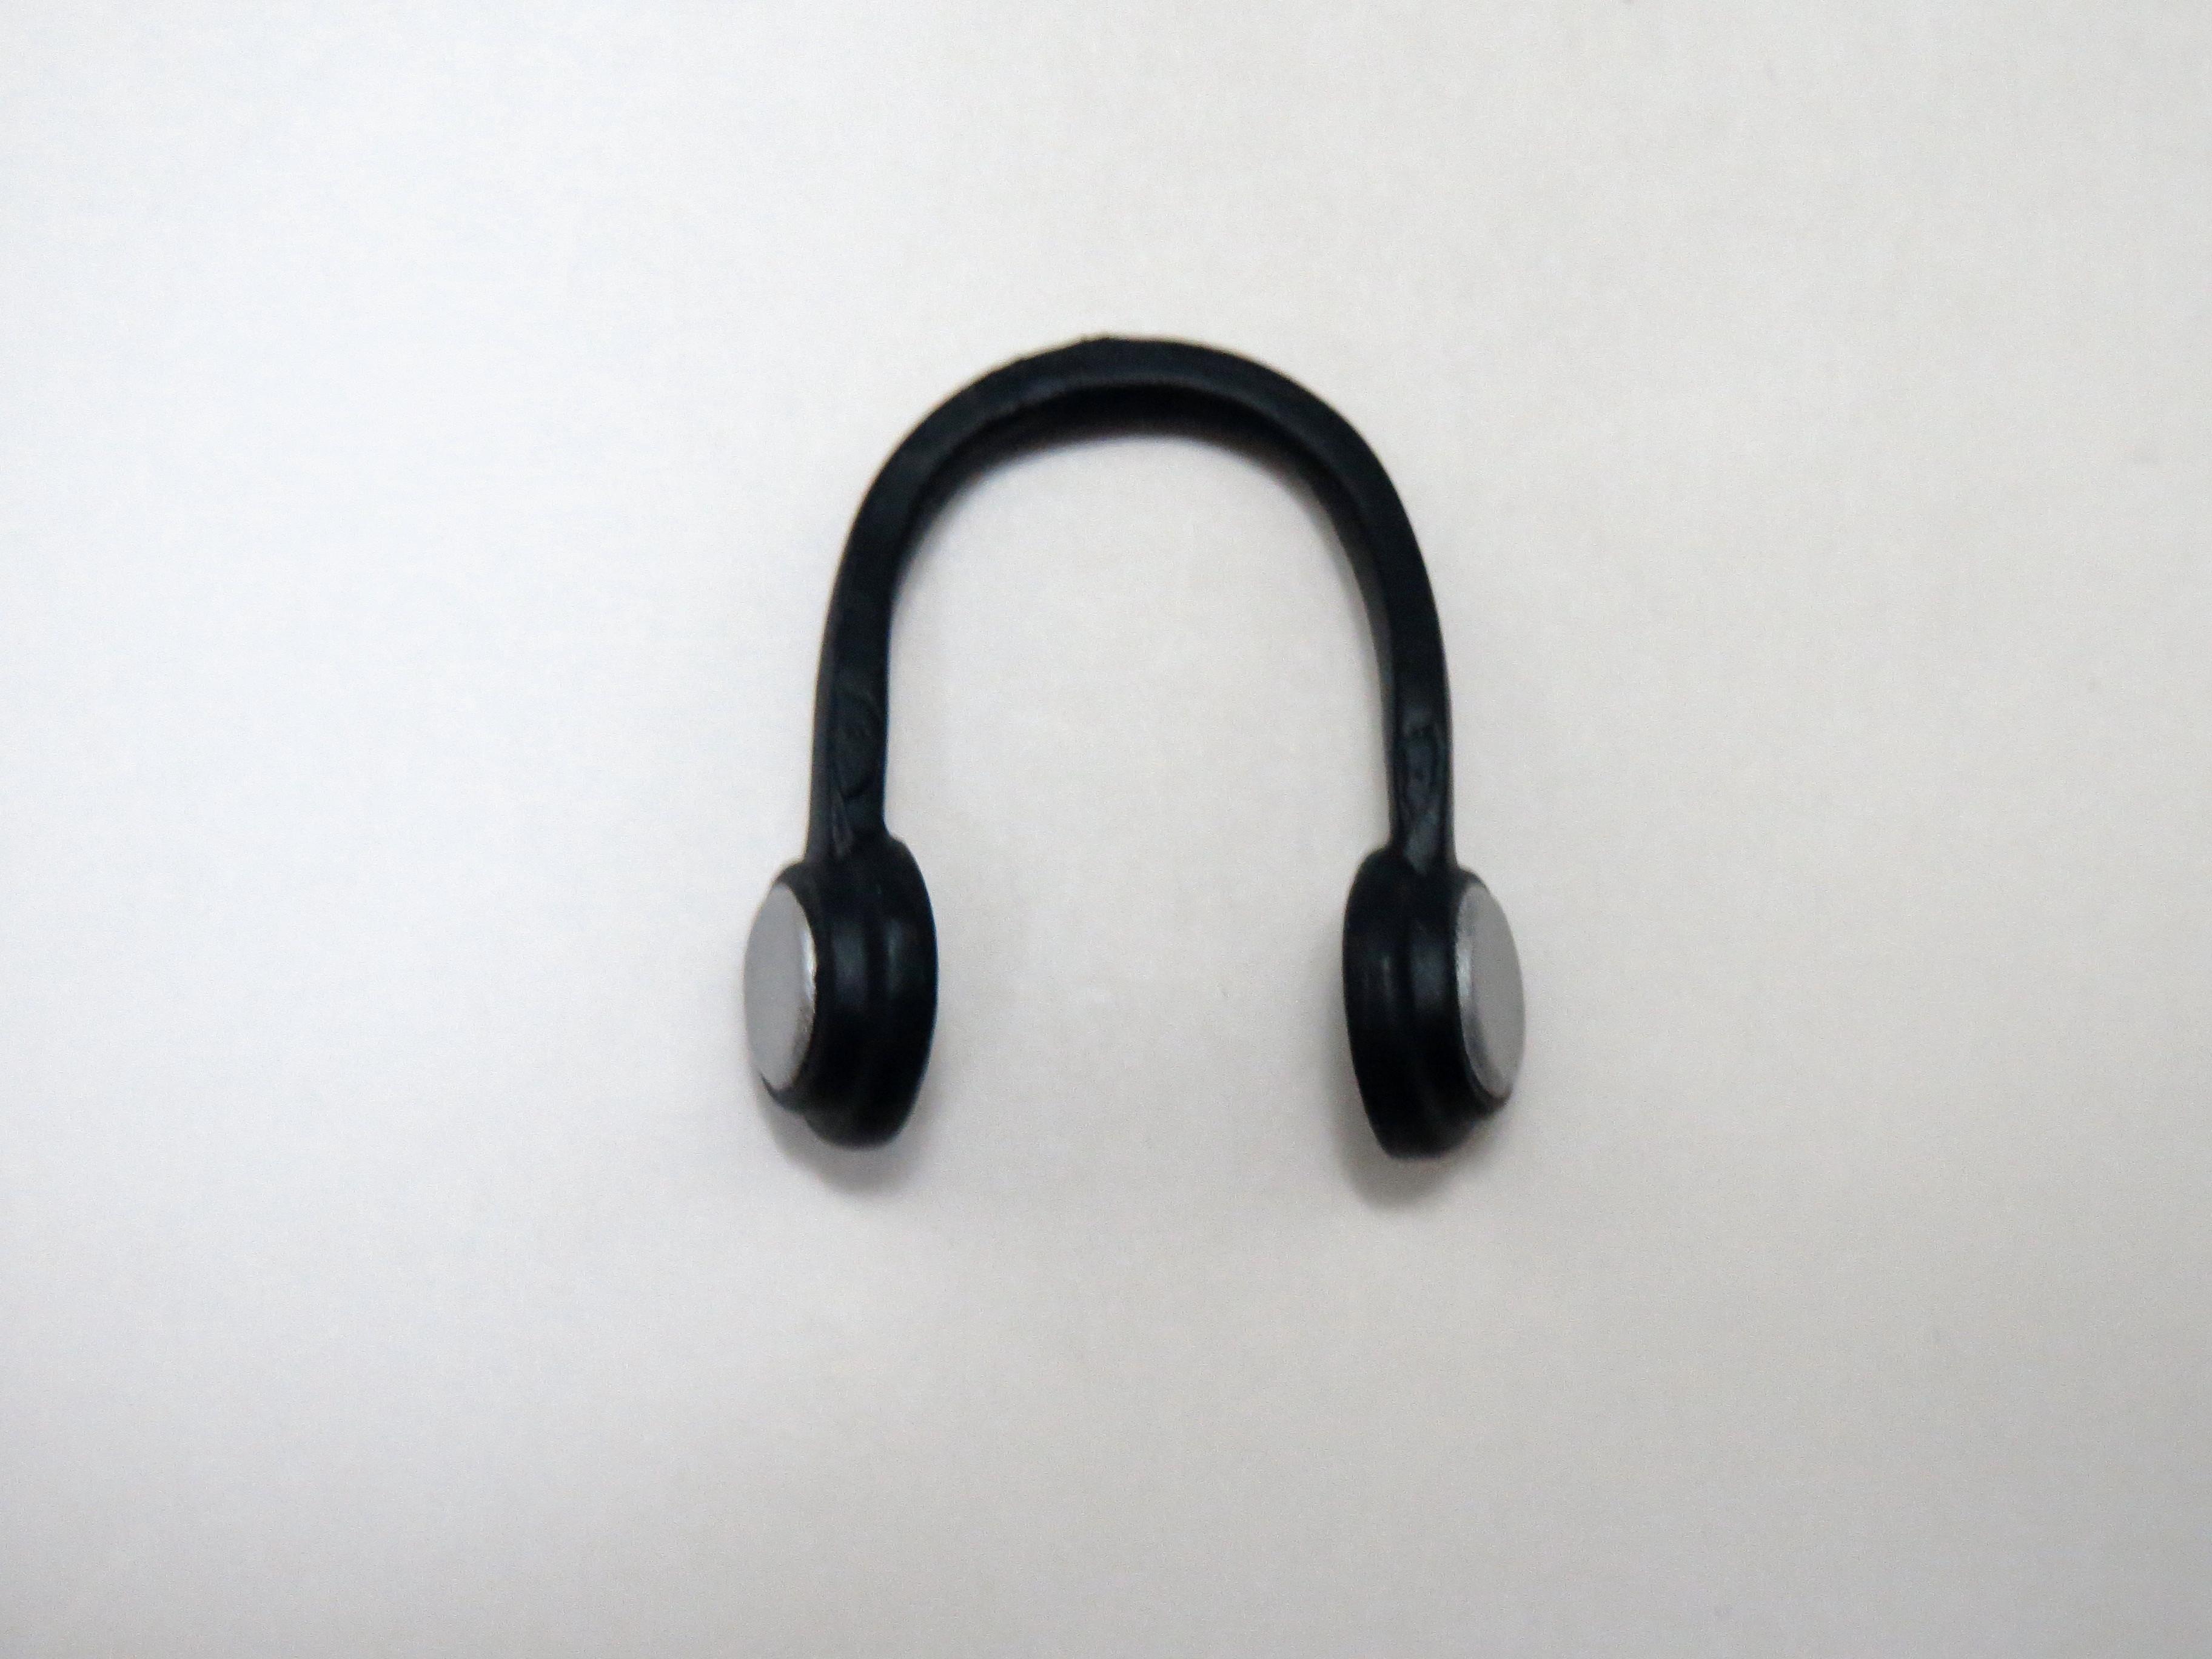 再入荷【320】 月読鎖々美 小物パーツ 首かけヘッドフォン ねんどろいど